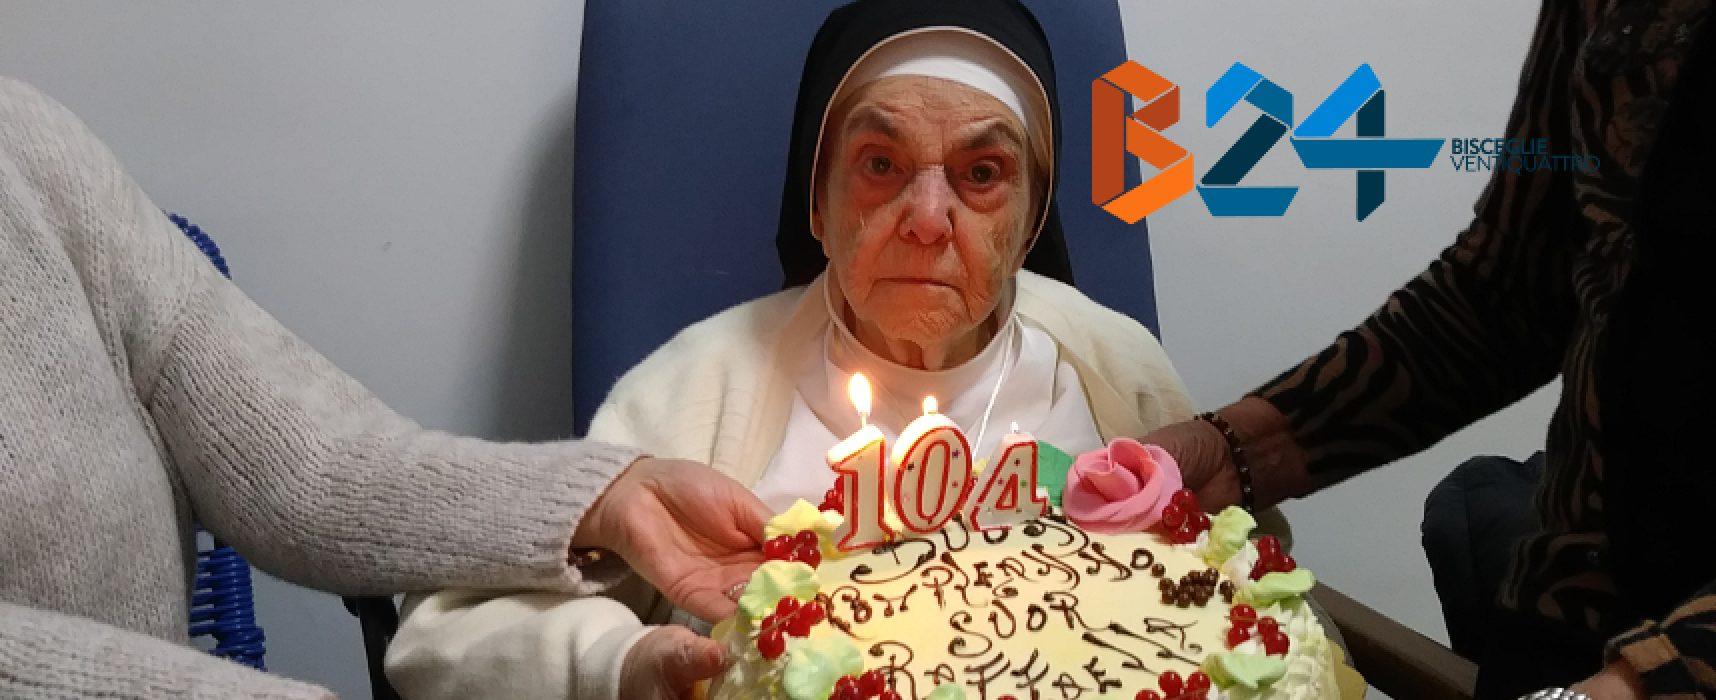 Grande festa per suor Raffaella che ha raggiunto il traguardo dei 104 anni